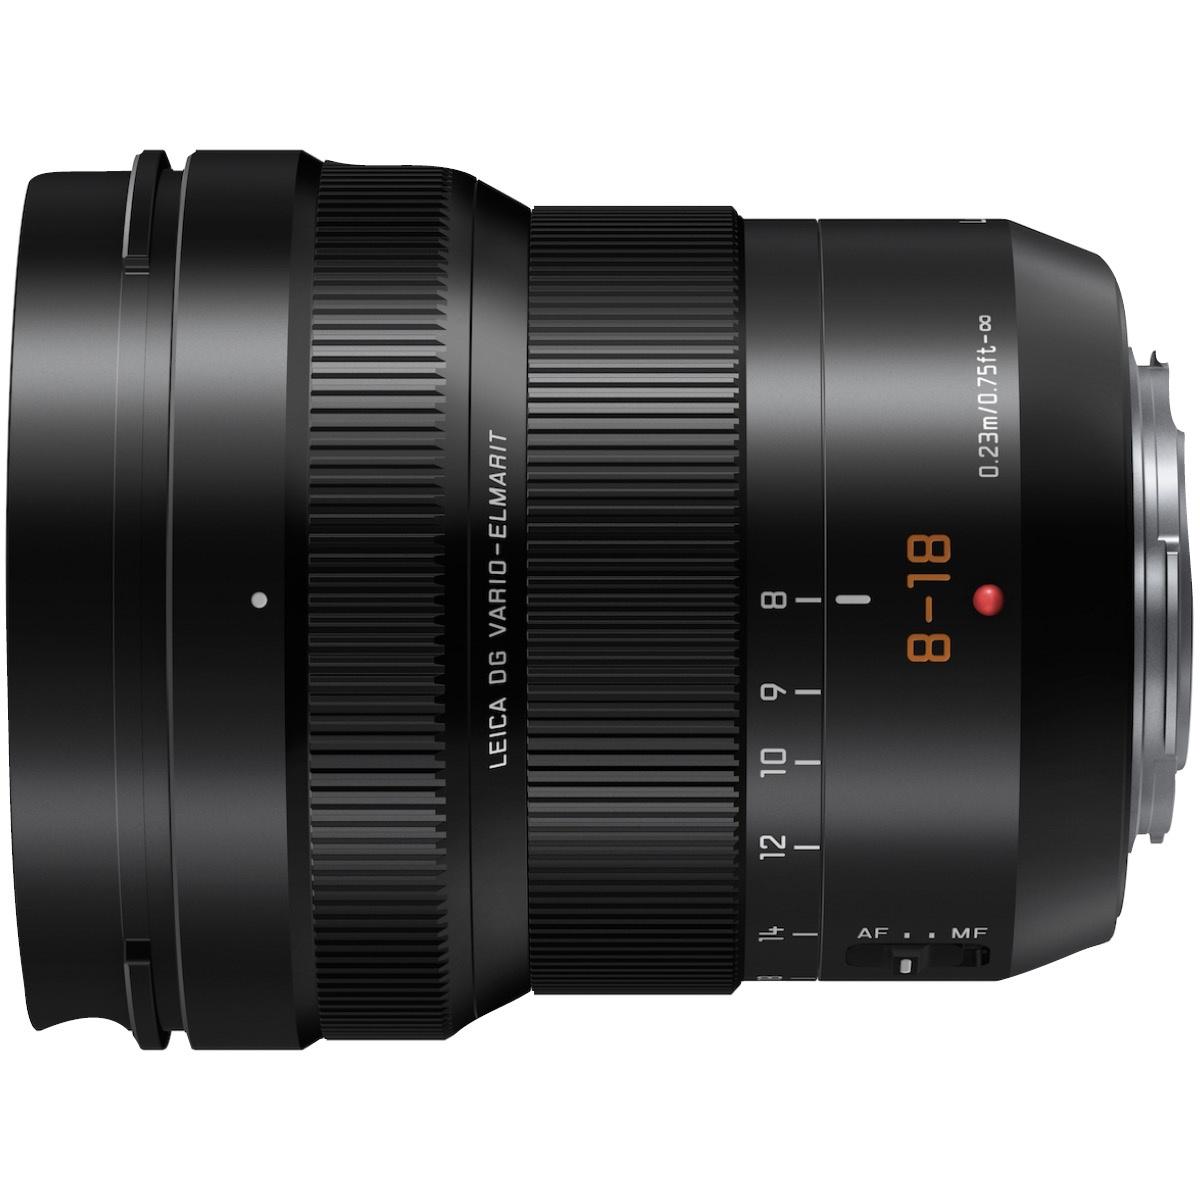 Panasonic 8-18 mm 1:2,8-4,0 Leica DG Vario-Elmarit